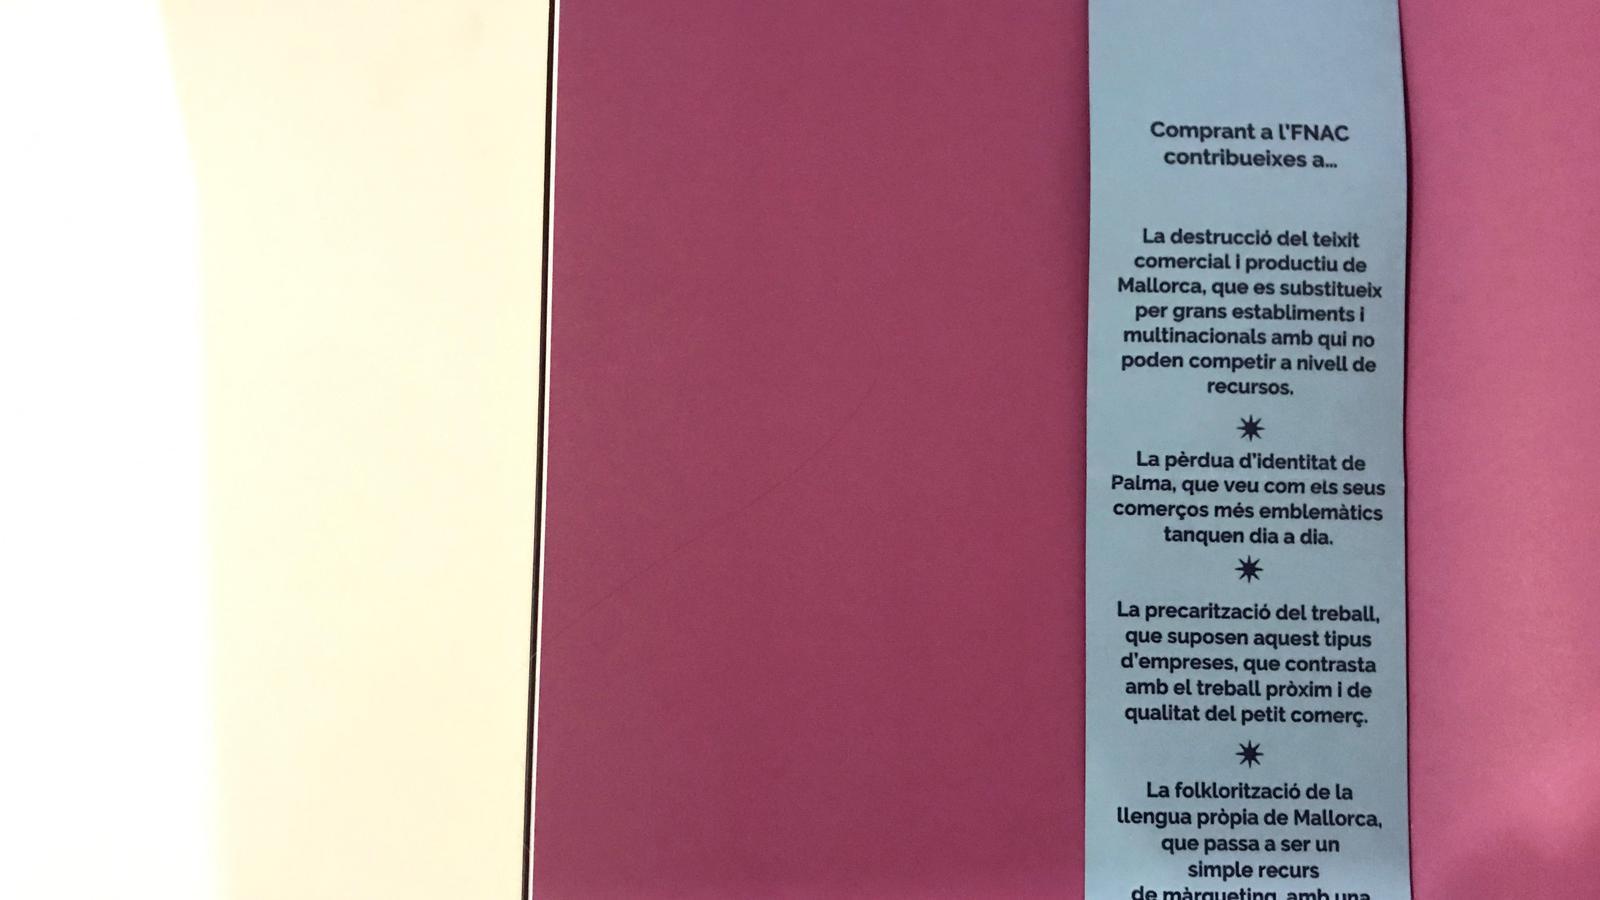 Punt de llibre que Mallorca Lliure ha col·locat a diferents productes de l'FNAC